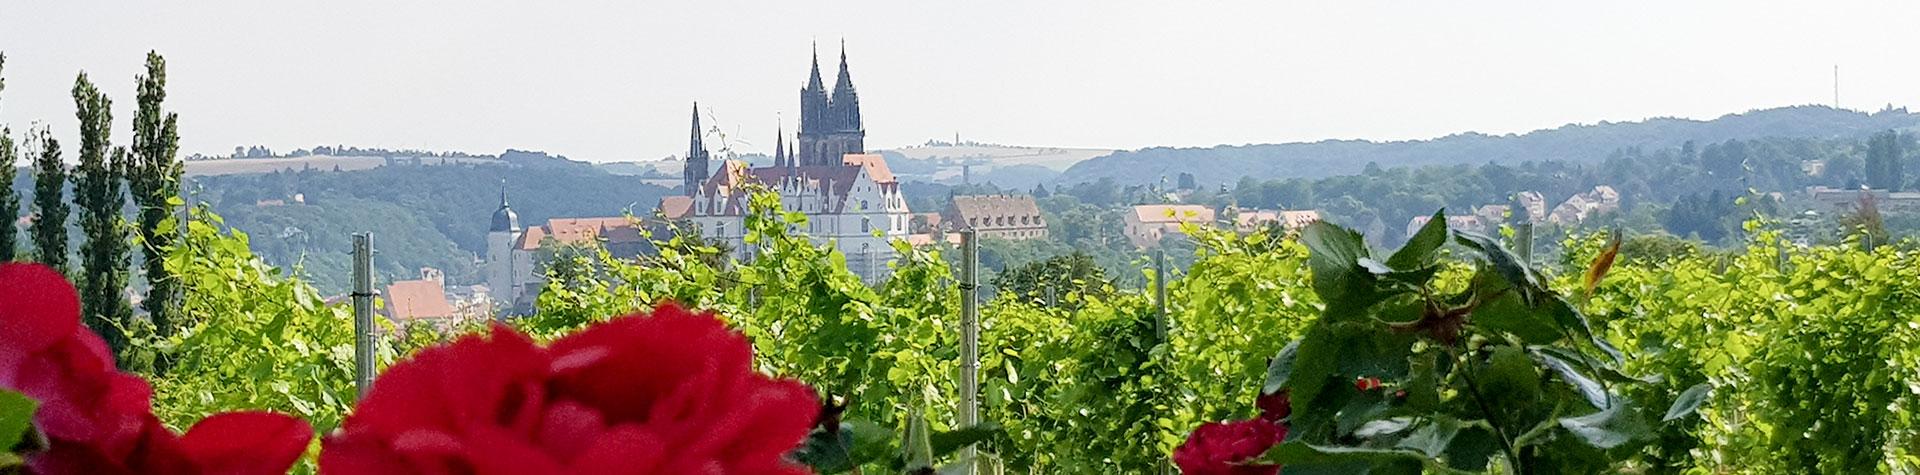 Schloss Proschwitz - Hochzeit im Weinberg